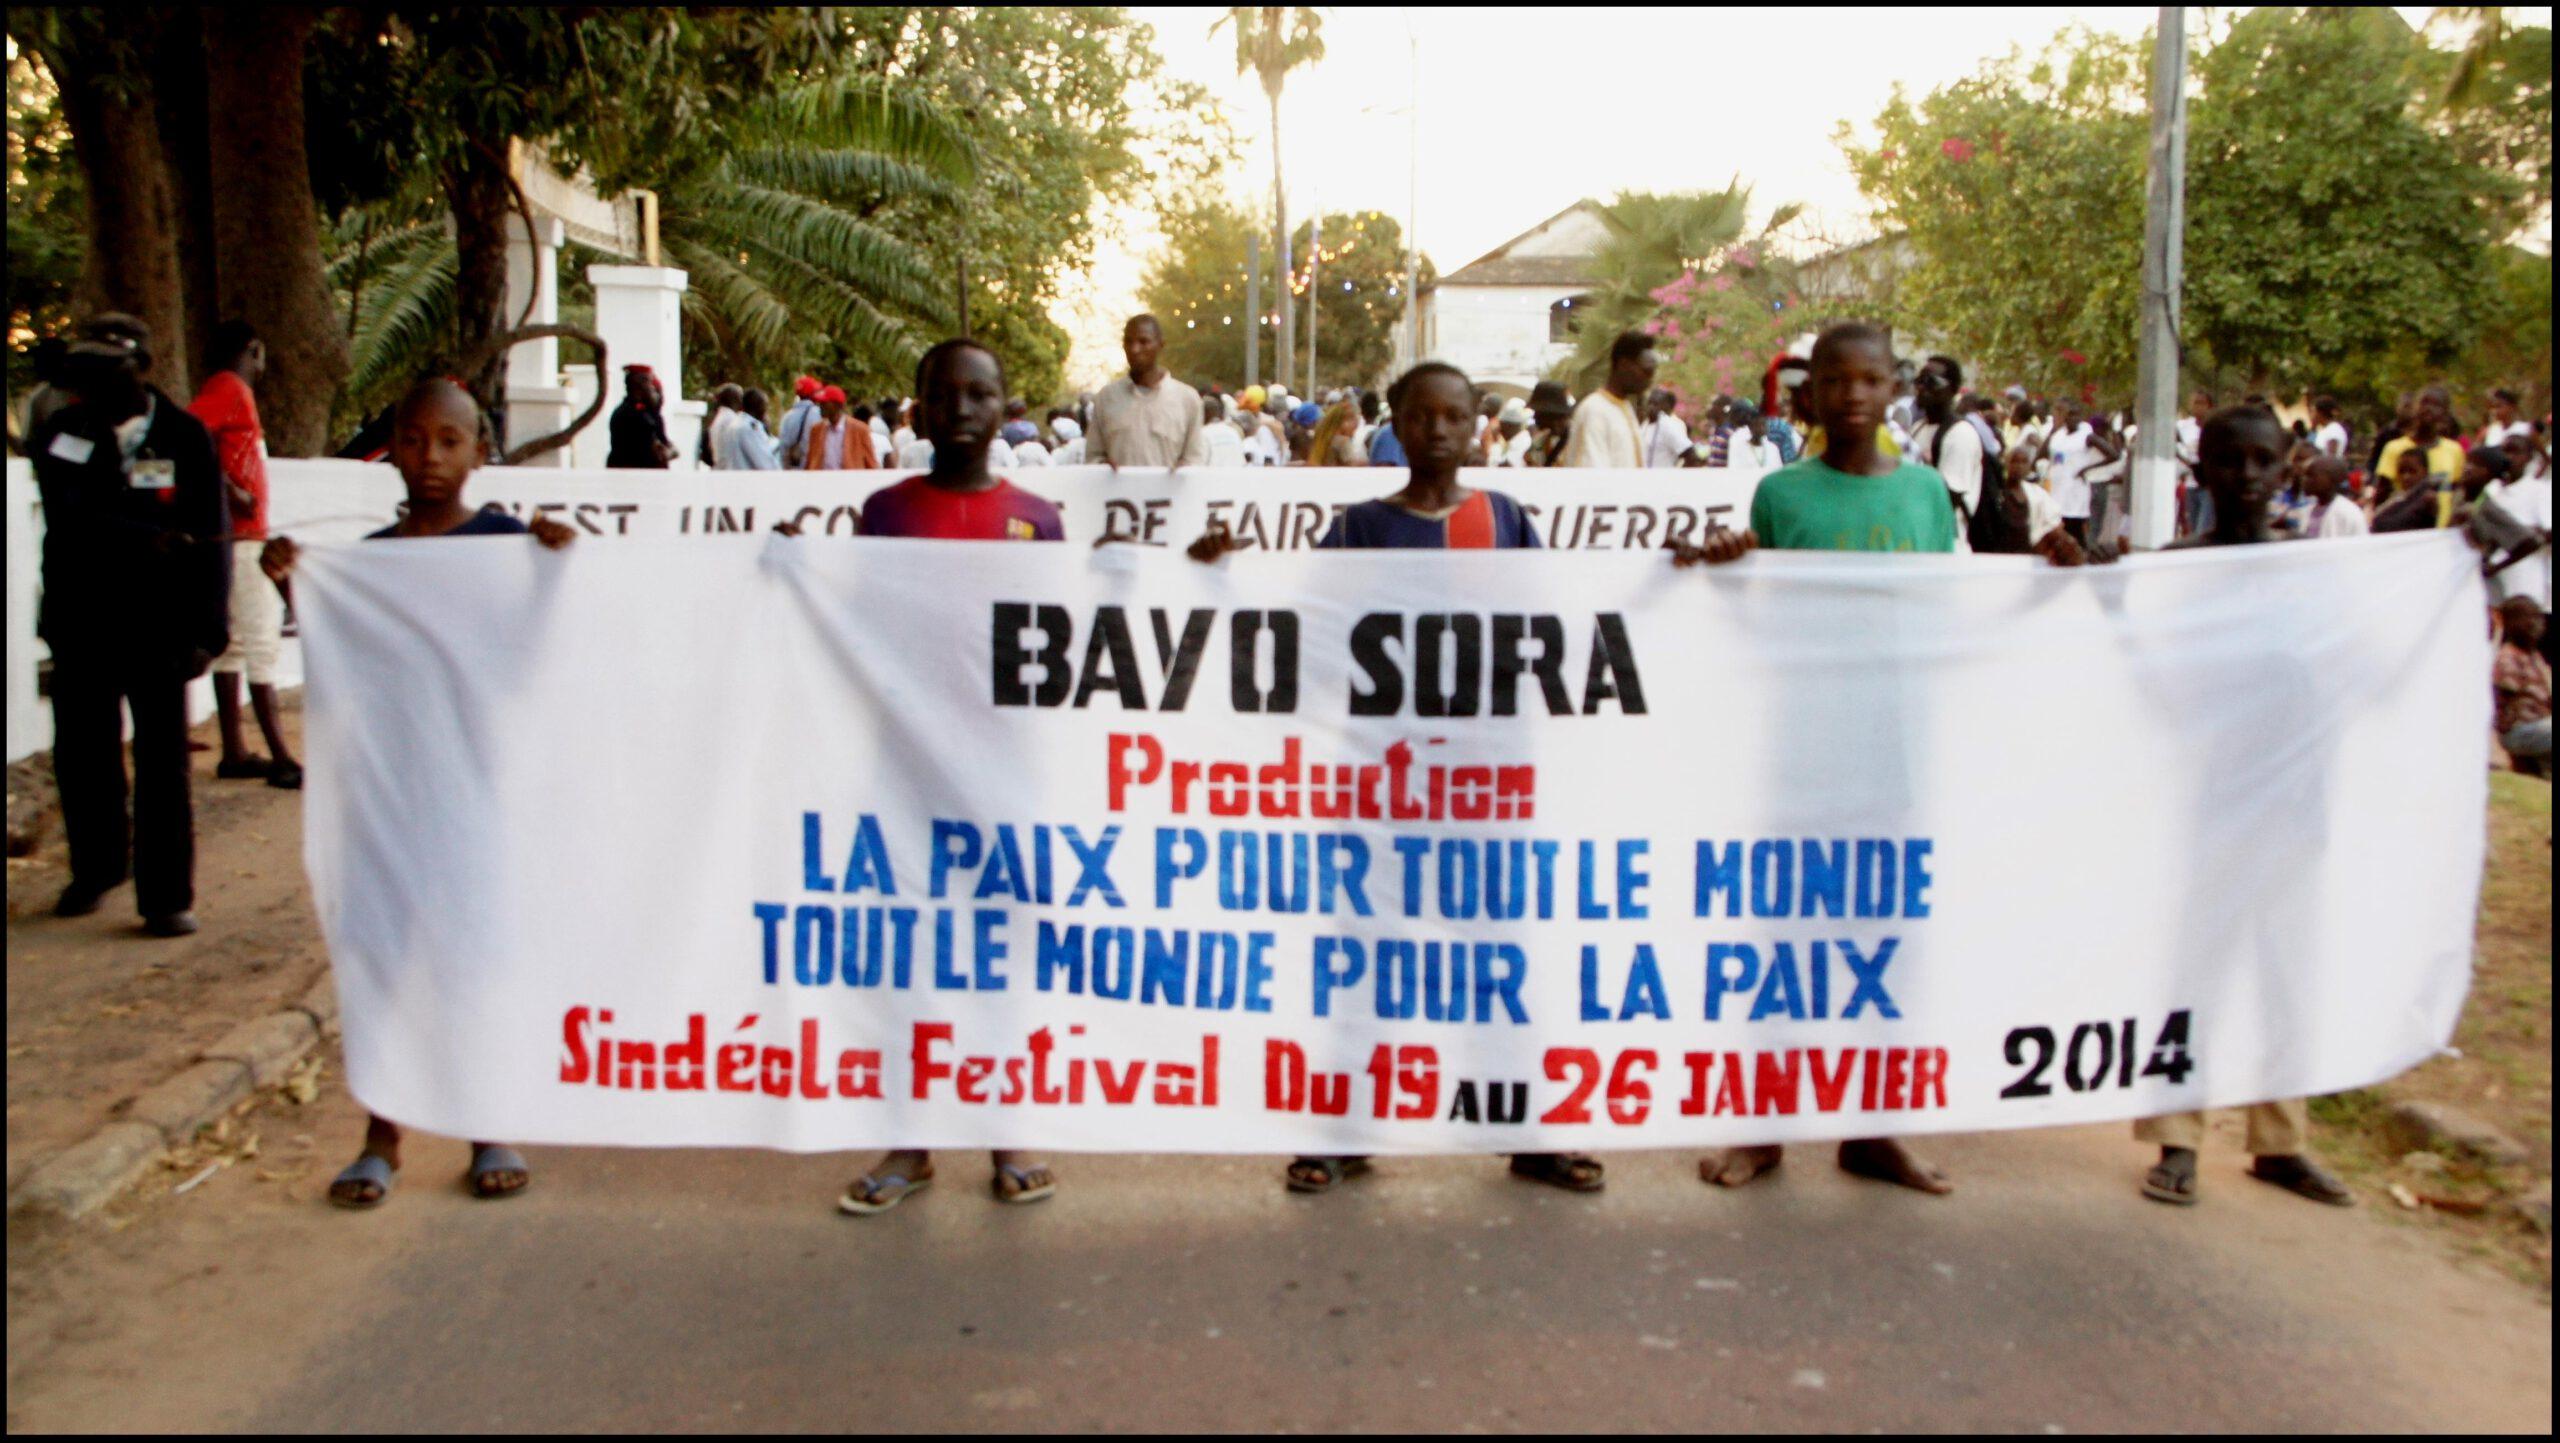 Casamance Friedens Festival 2014